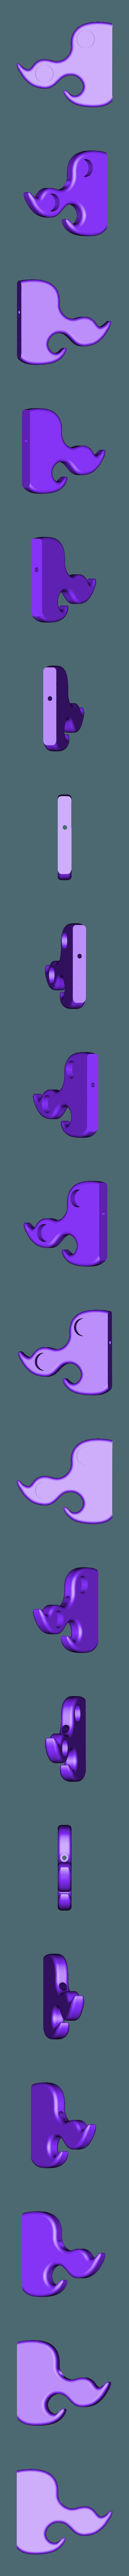 towel_hanger_left.stl Télécharger fichier STL gratuit Porte-serviettes de salle de bain / Porte-serviettes • Design imprimable en 3D, sokinkeso